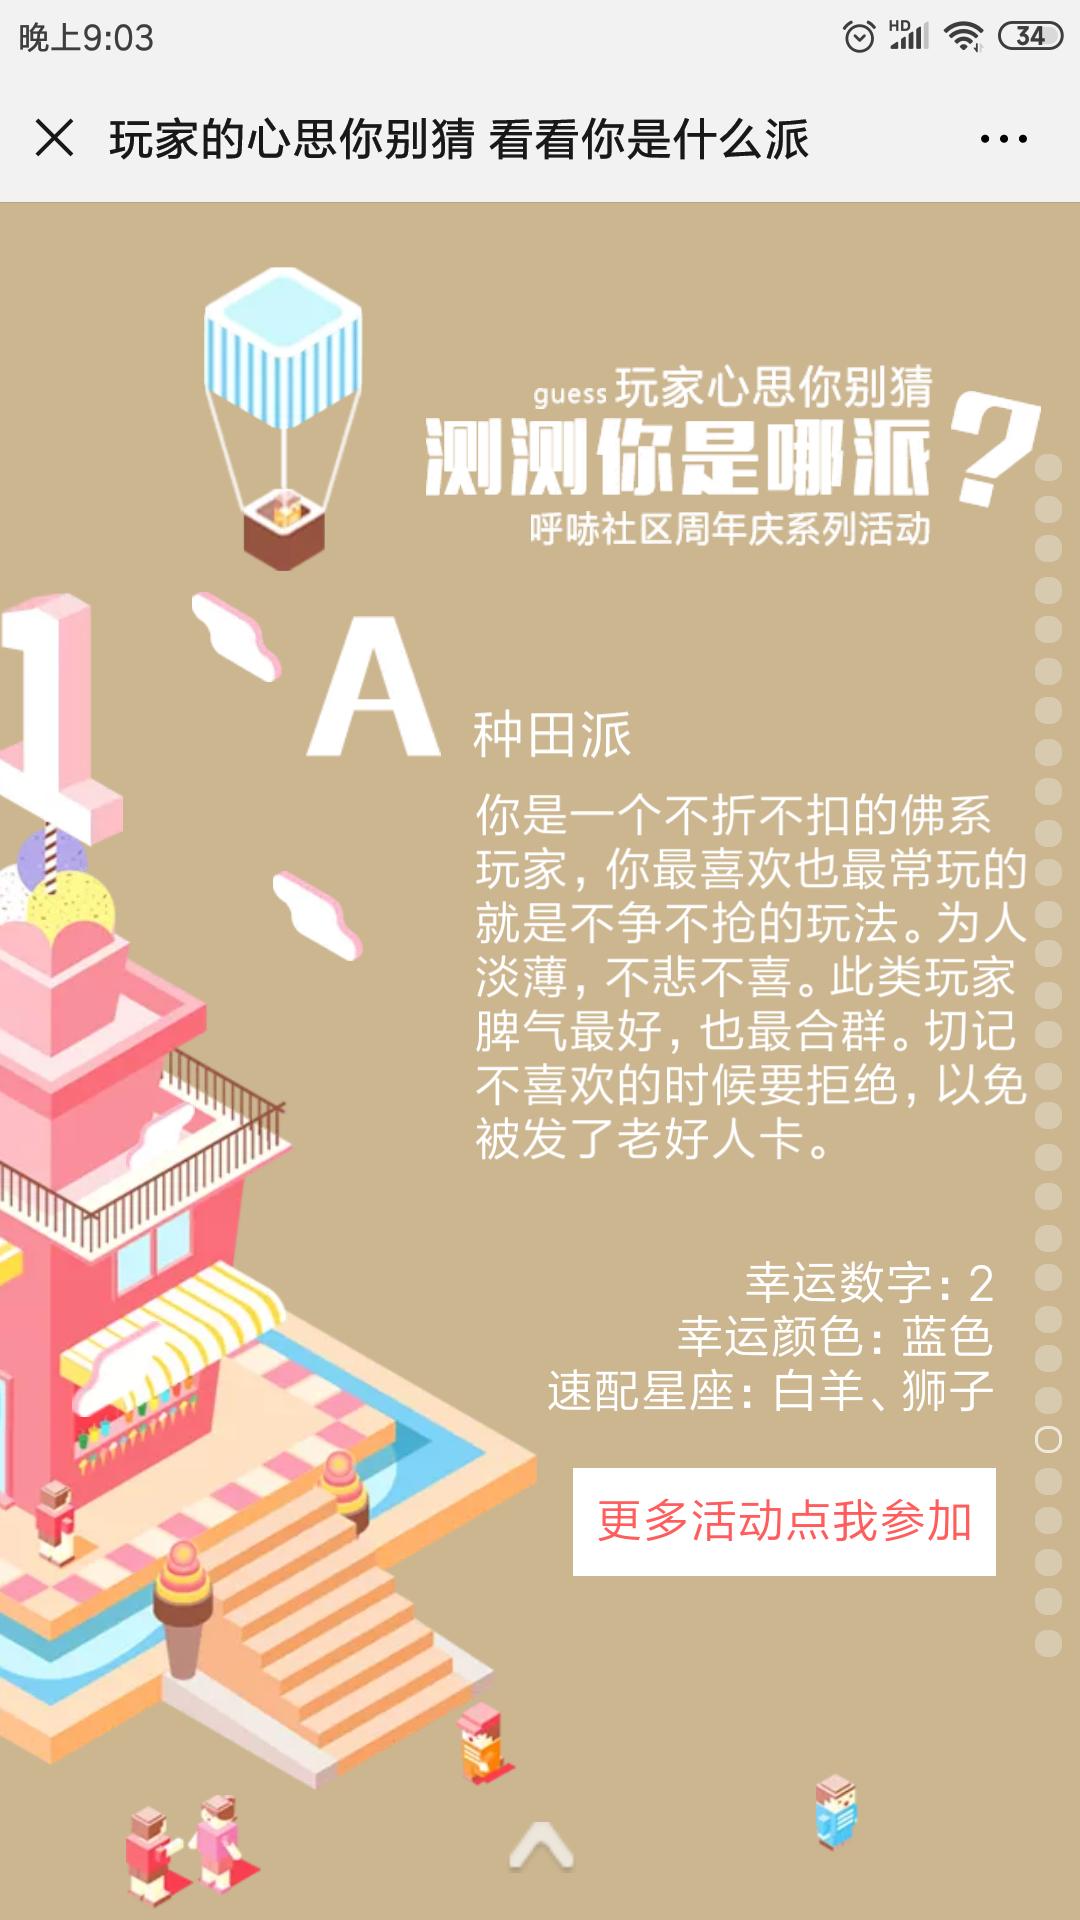 Screenshot_2019-07-25-21-03-17-762_com.tencent.mm.png